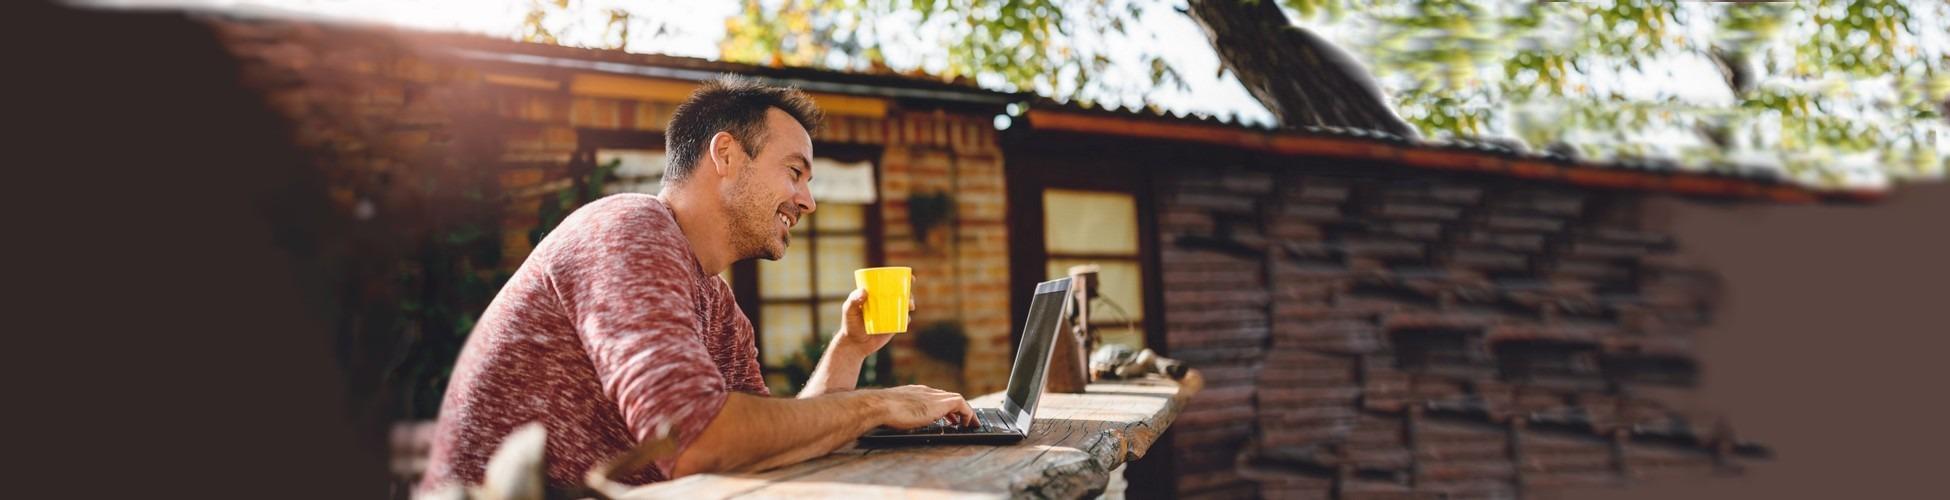 slider homme qui gère ses comptes et placements en ligne avec un logiciel de budget à l'extérieur sur son portable